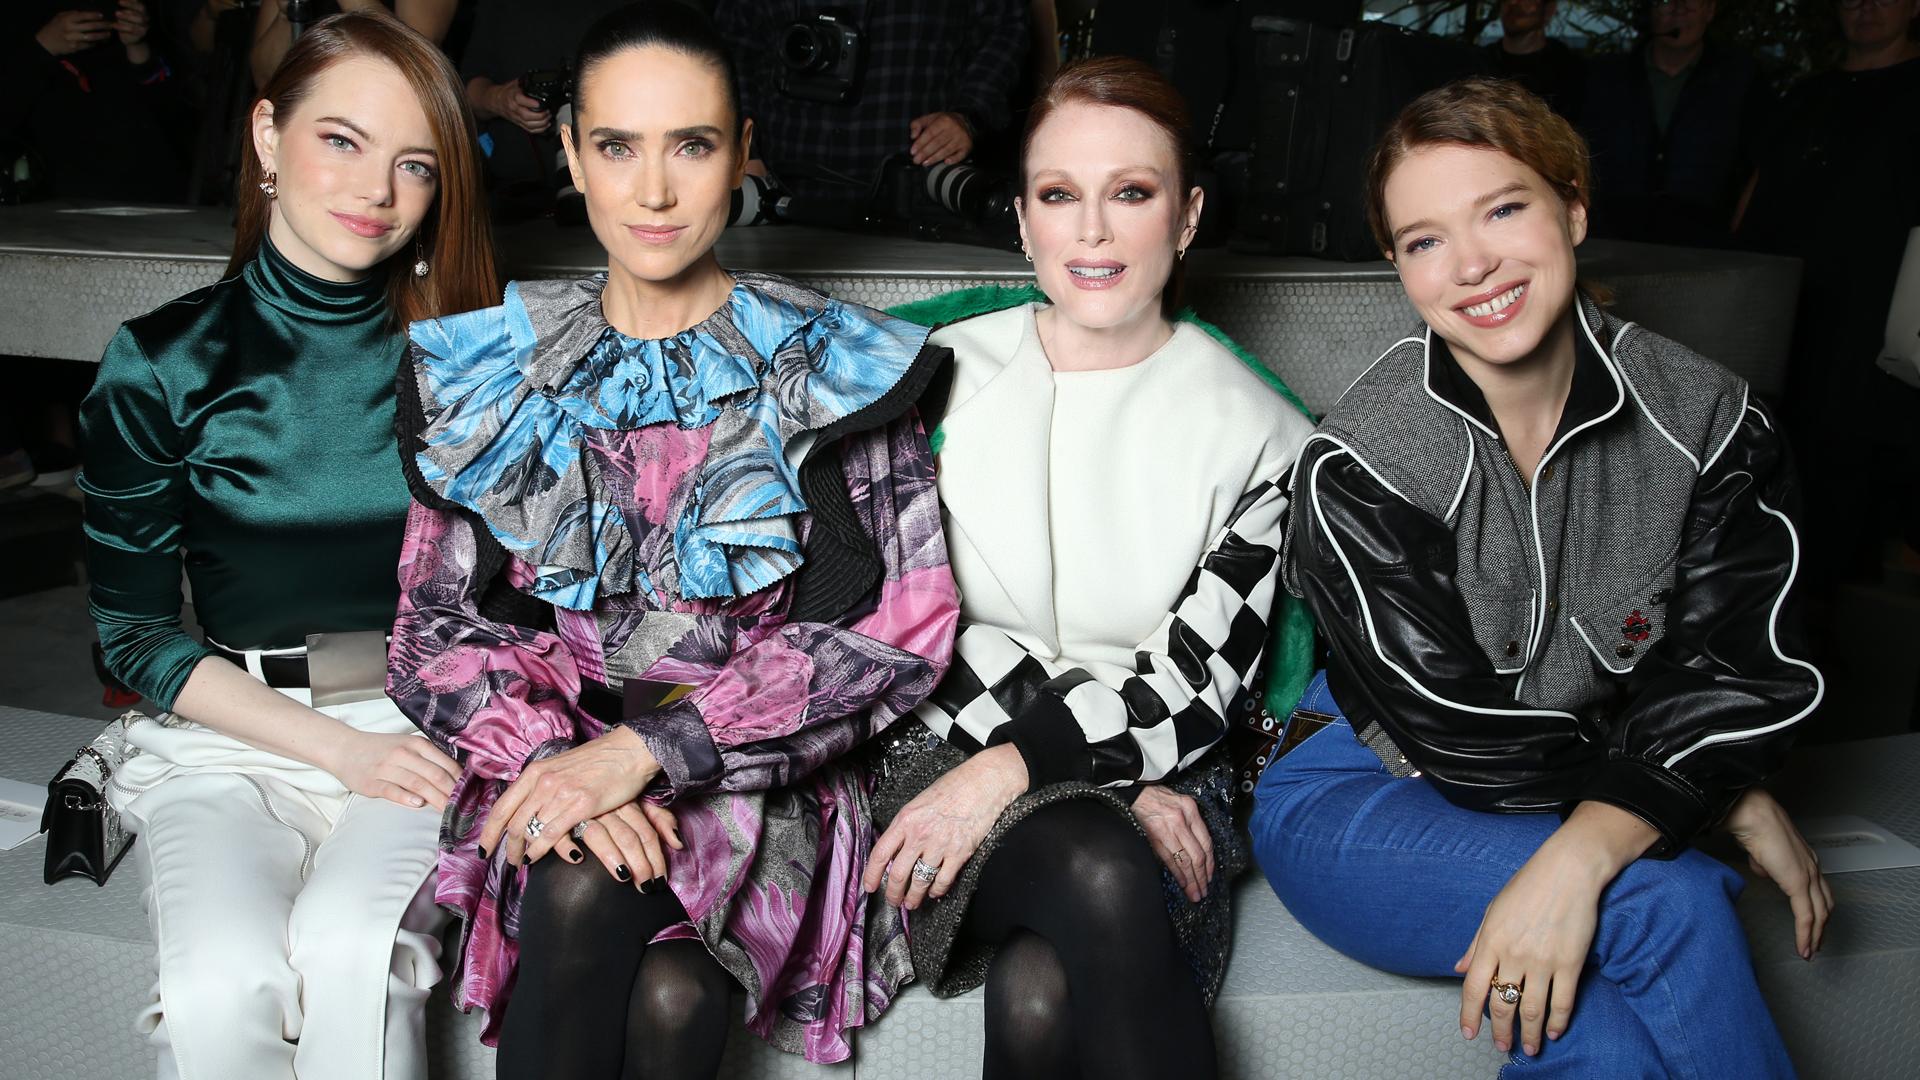 Emma Stone, Jennifer Connelly, Julianne Moore Y Lea_Seydoux en primera fila.